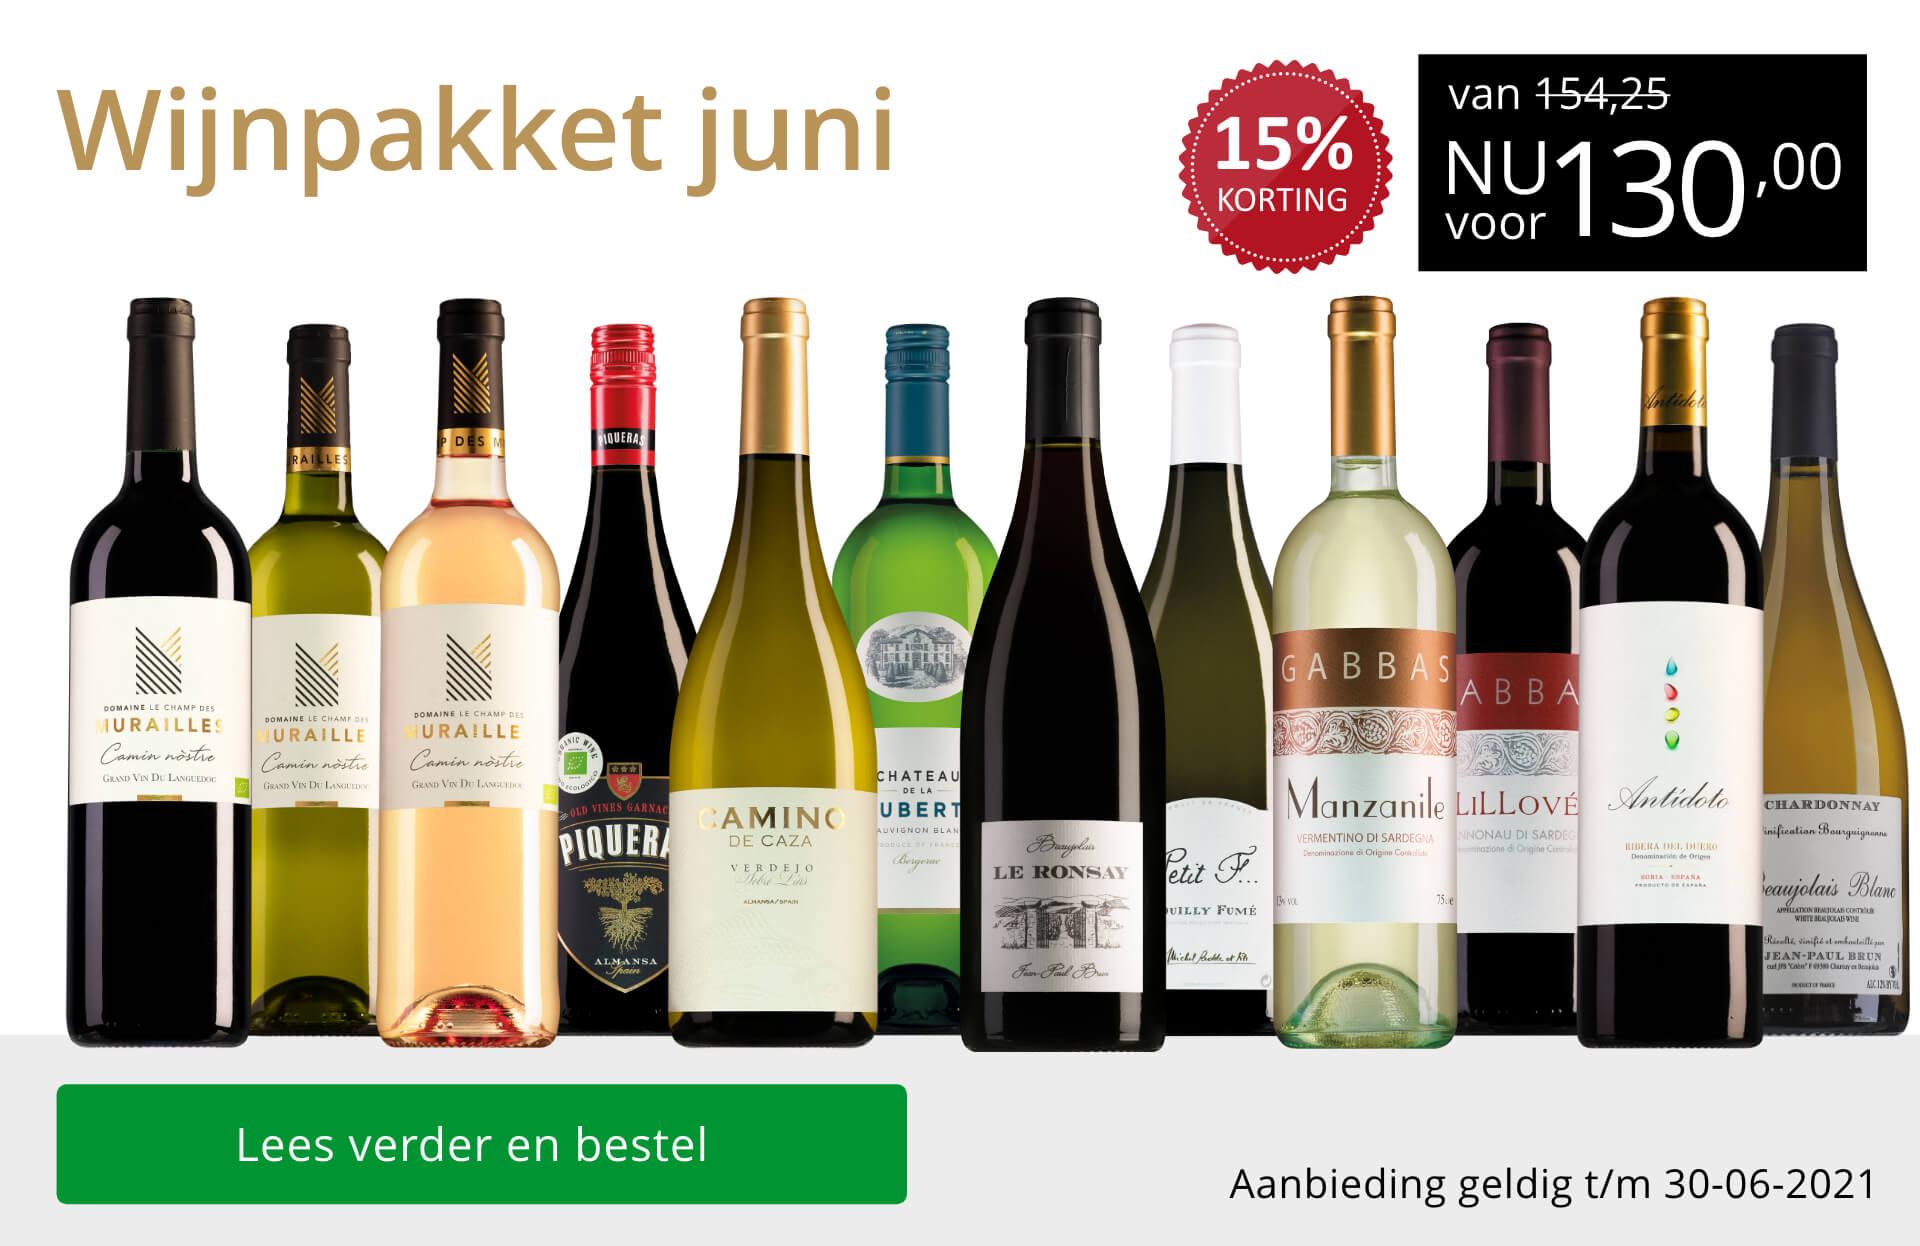 Wijnpakket wijnbericht juni 2021(130,00) - goud/zwart